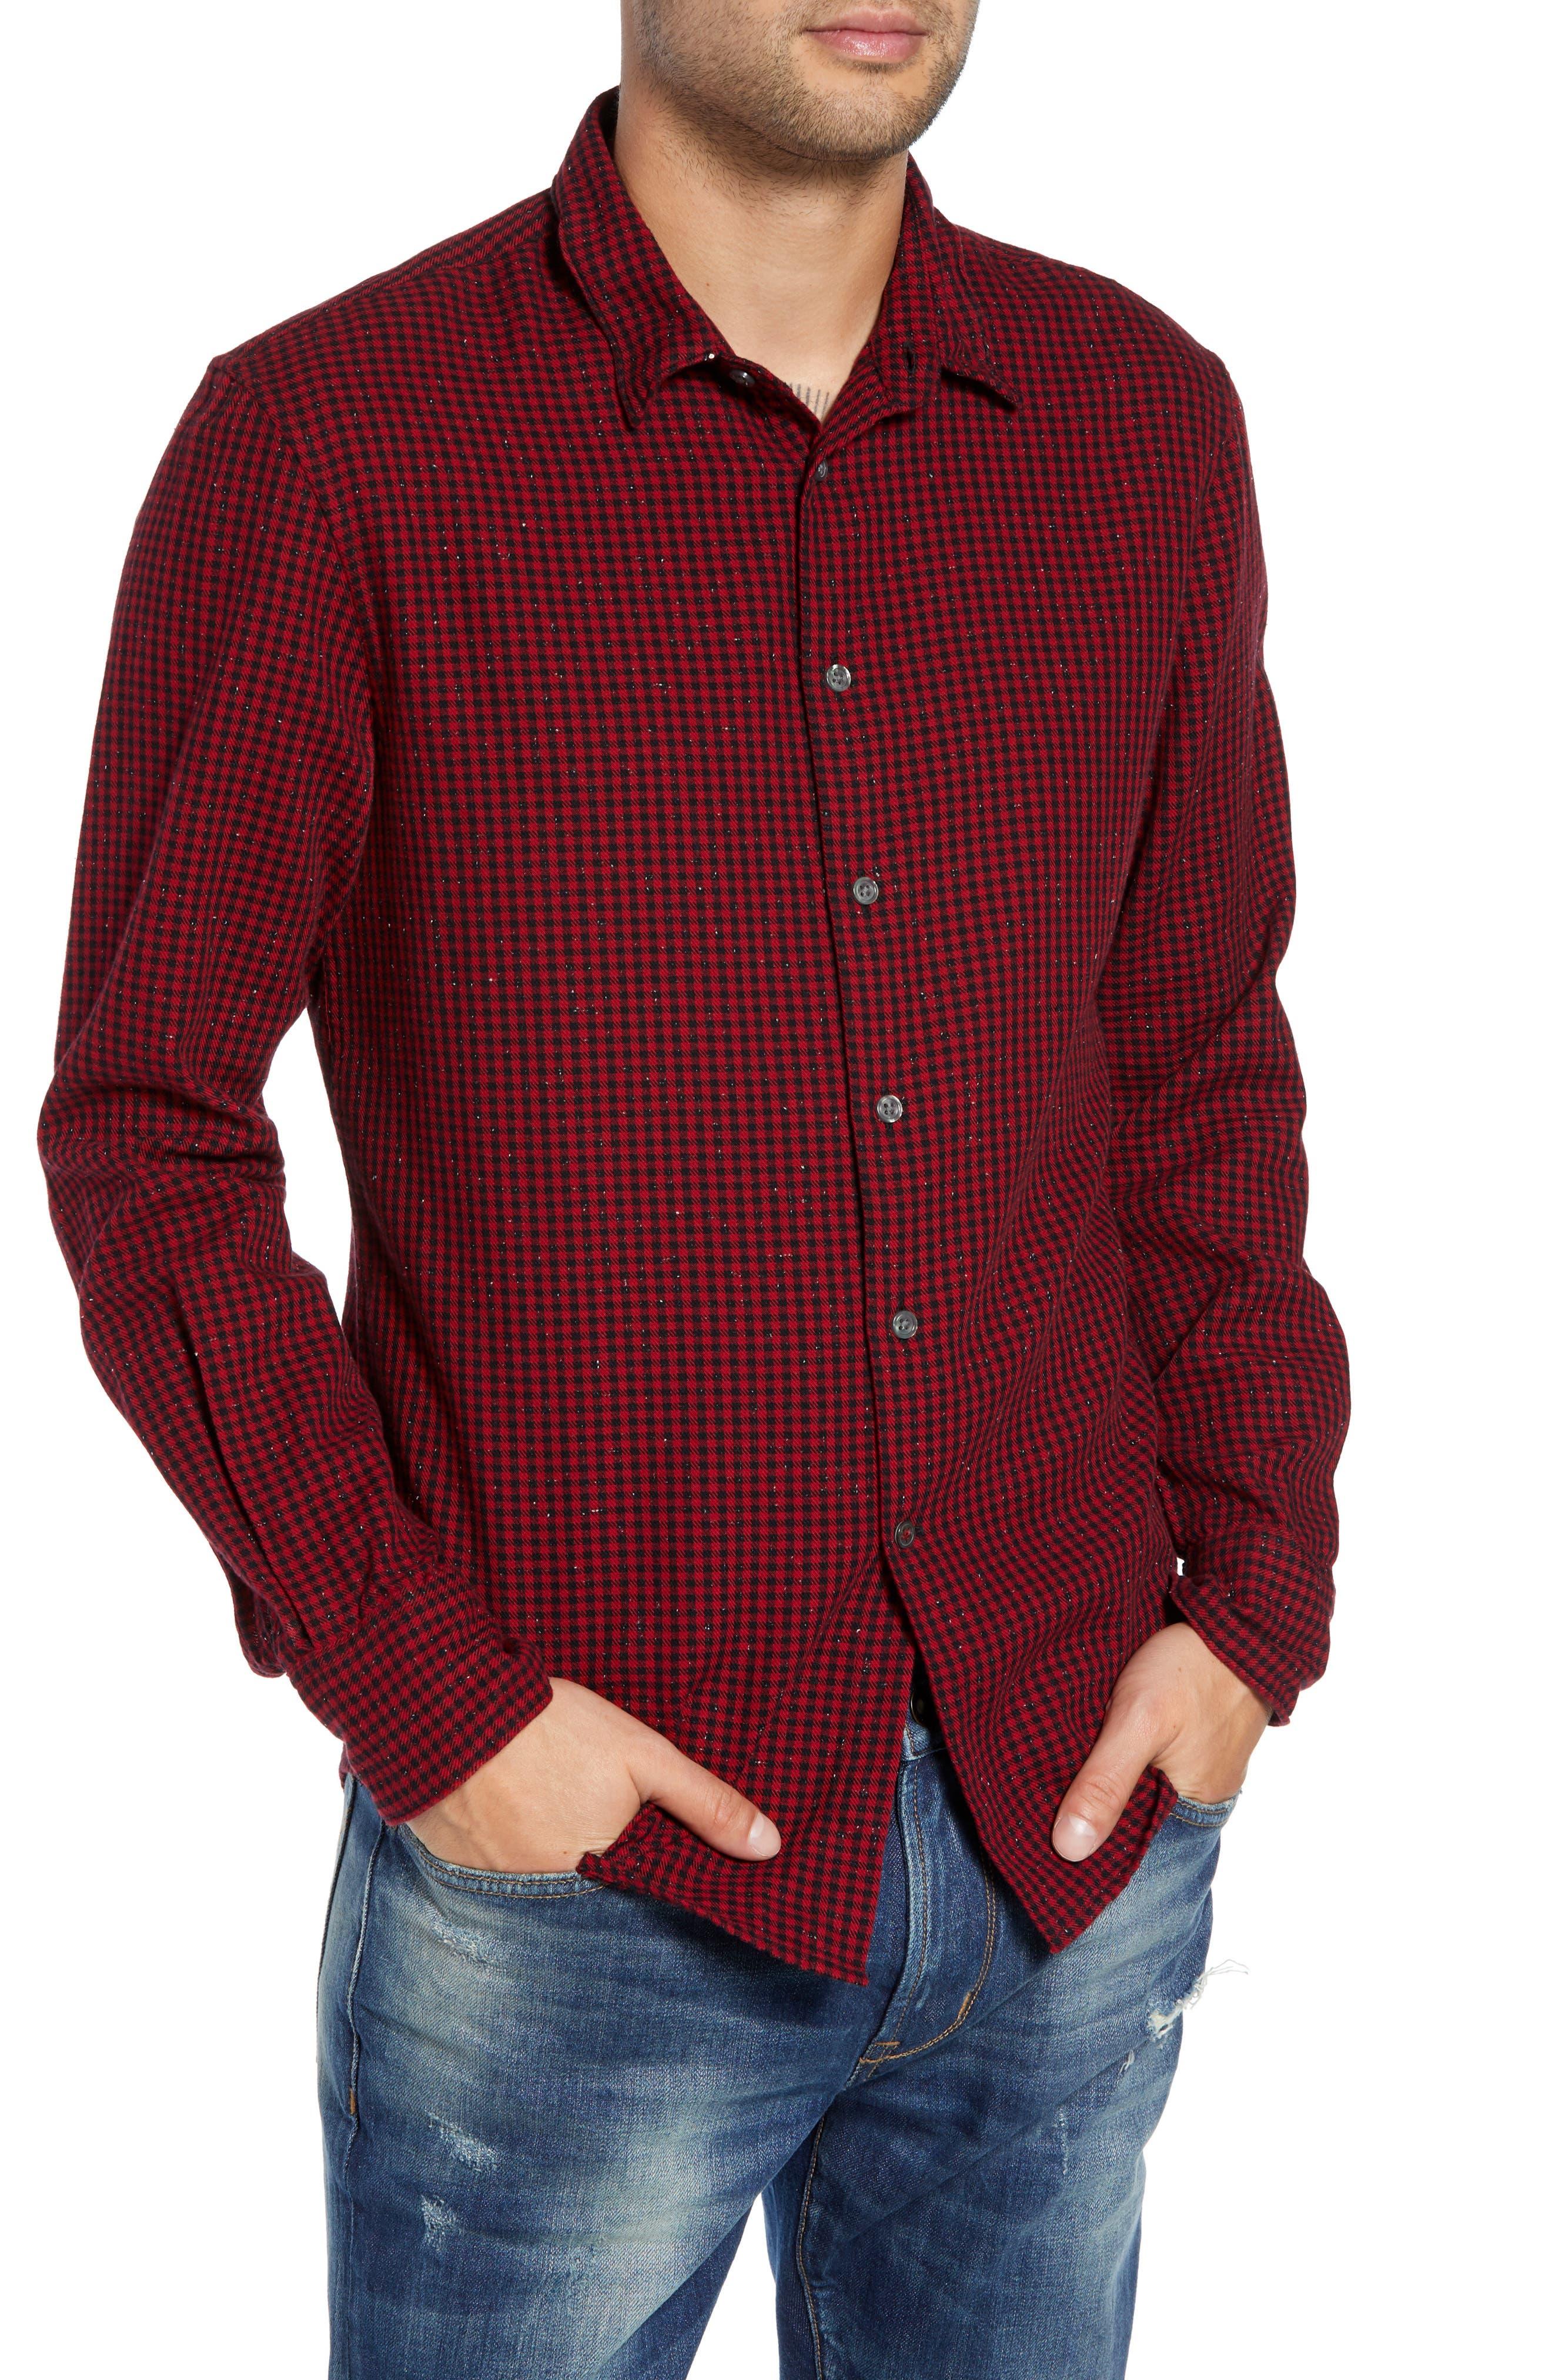 John Varvatos Star Usa Check Sport Shirt, Red